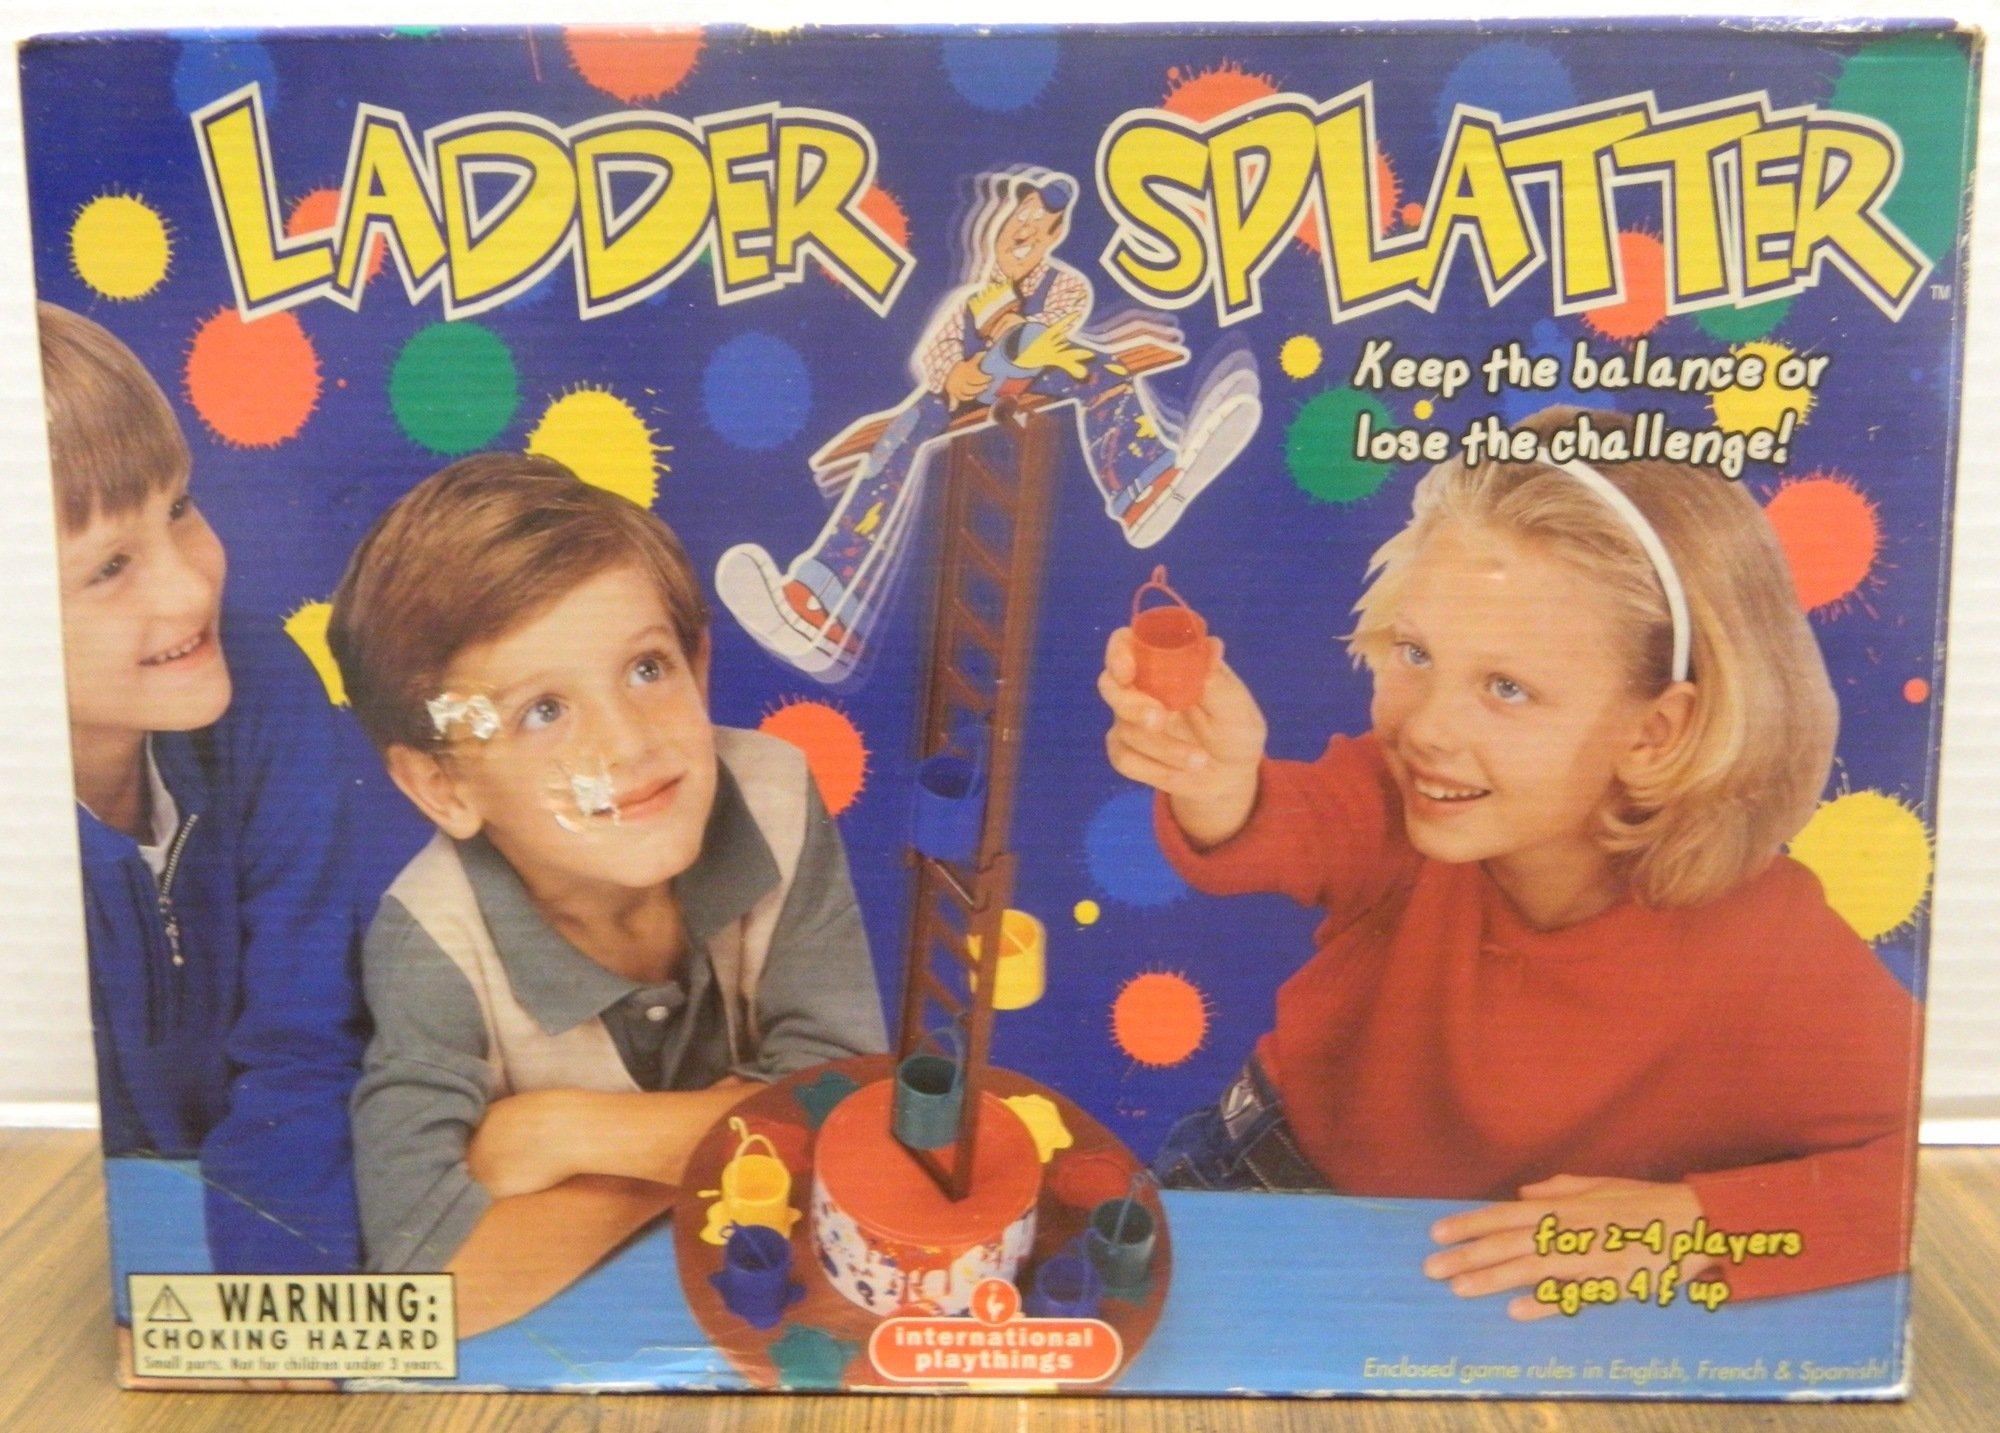 Ladder Splatter Box